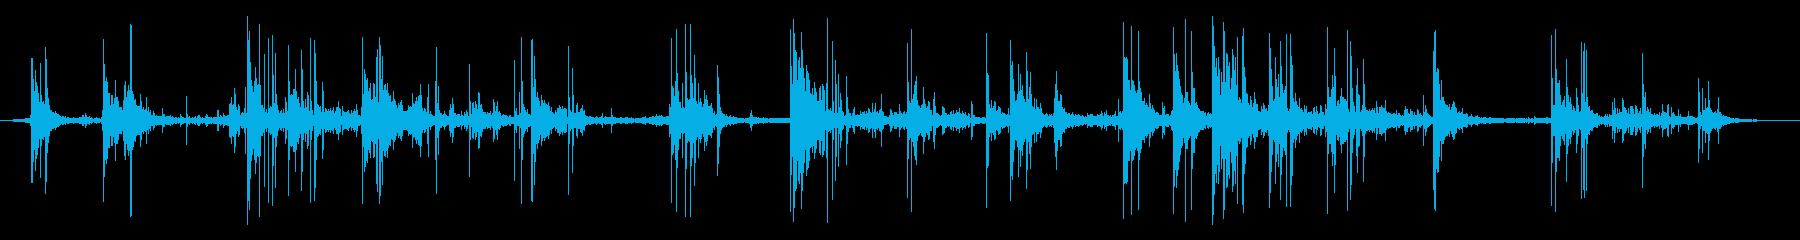 サッカー2の再生済みの波形